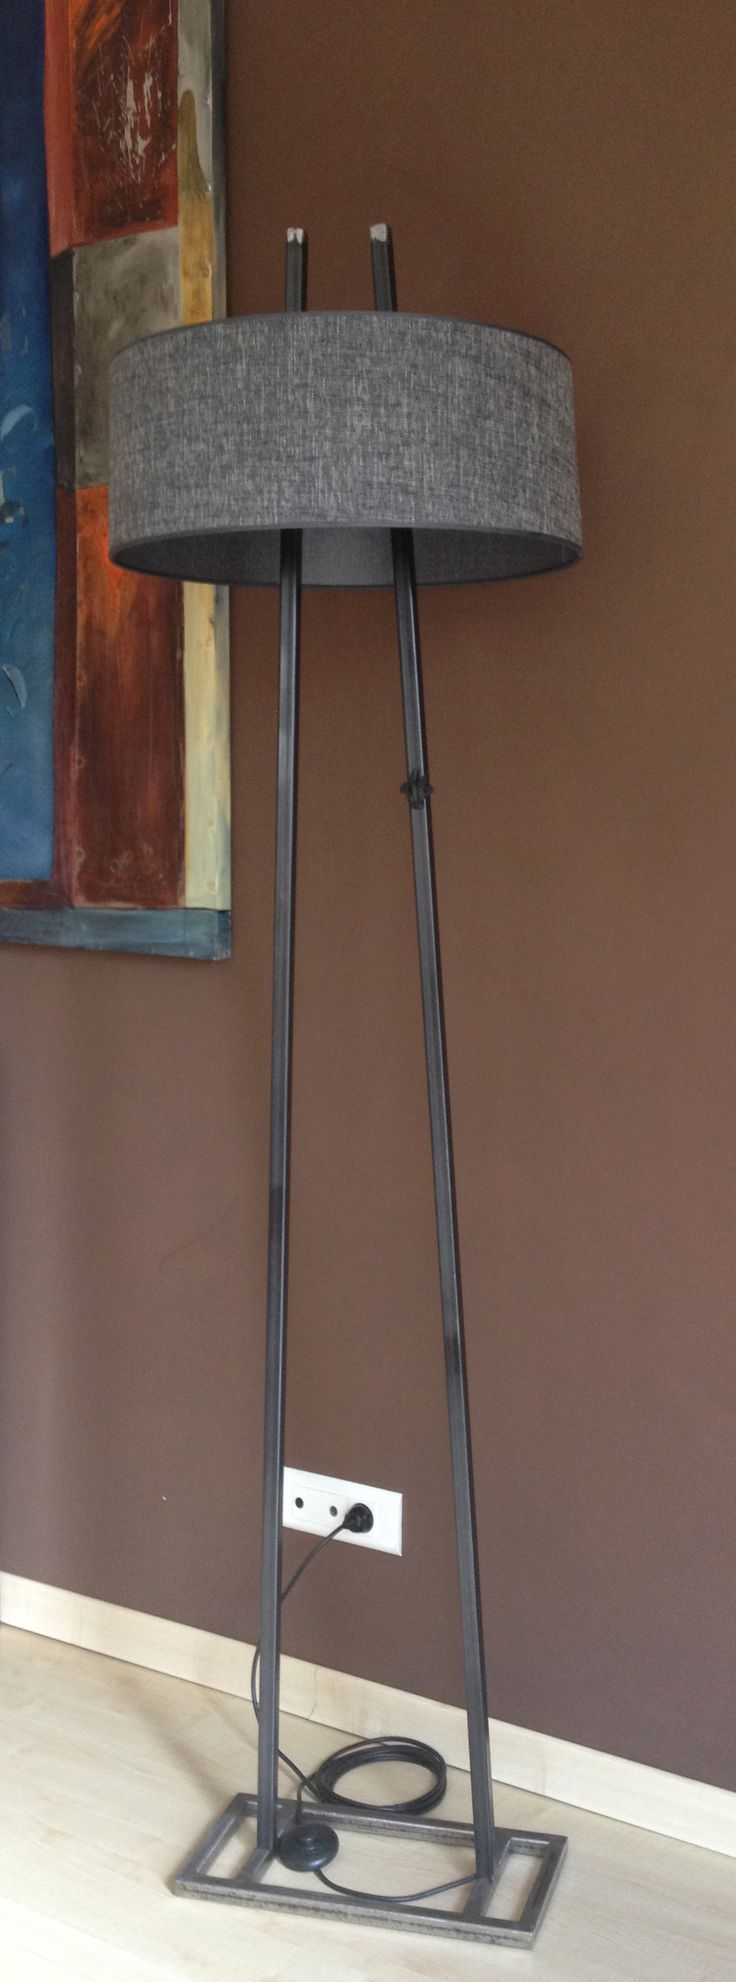 Réalisations | TheFrogCreation Mobilier contemporain, métal, indus, vintage, lampadaire, luminaire, meubles acier, décoration industrielle, artisanat français, made in France, soudures